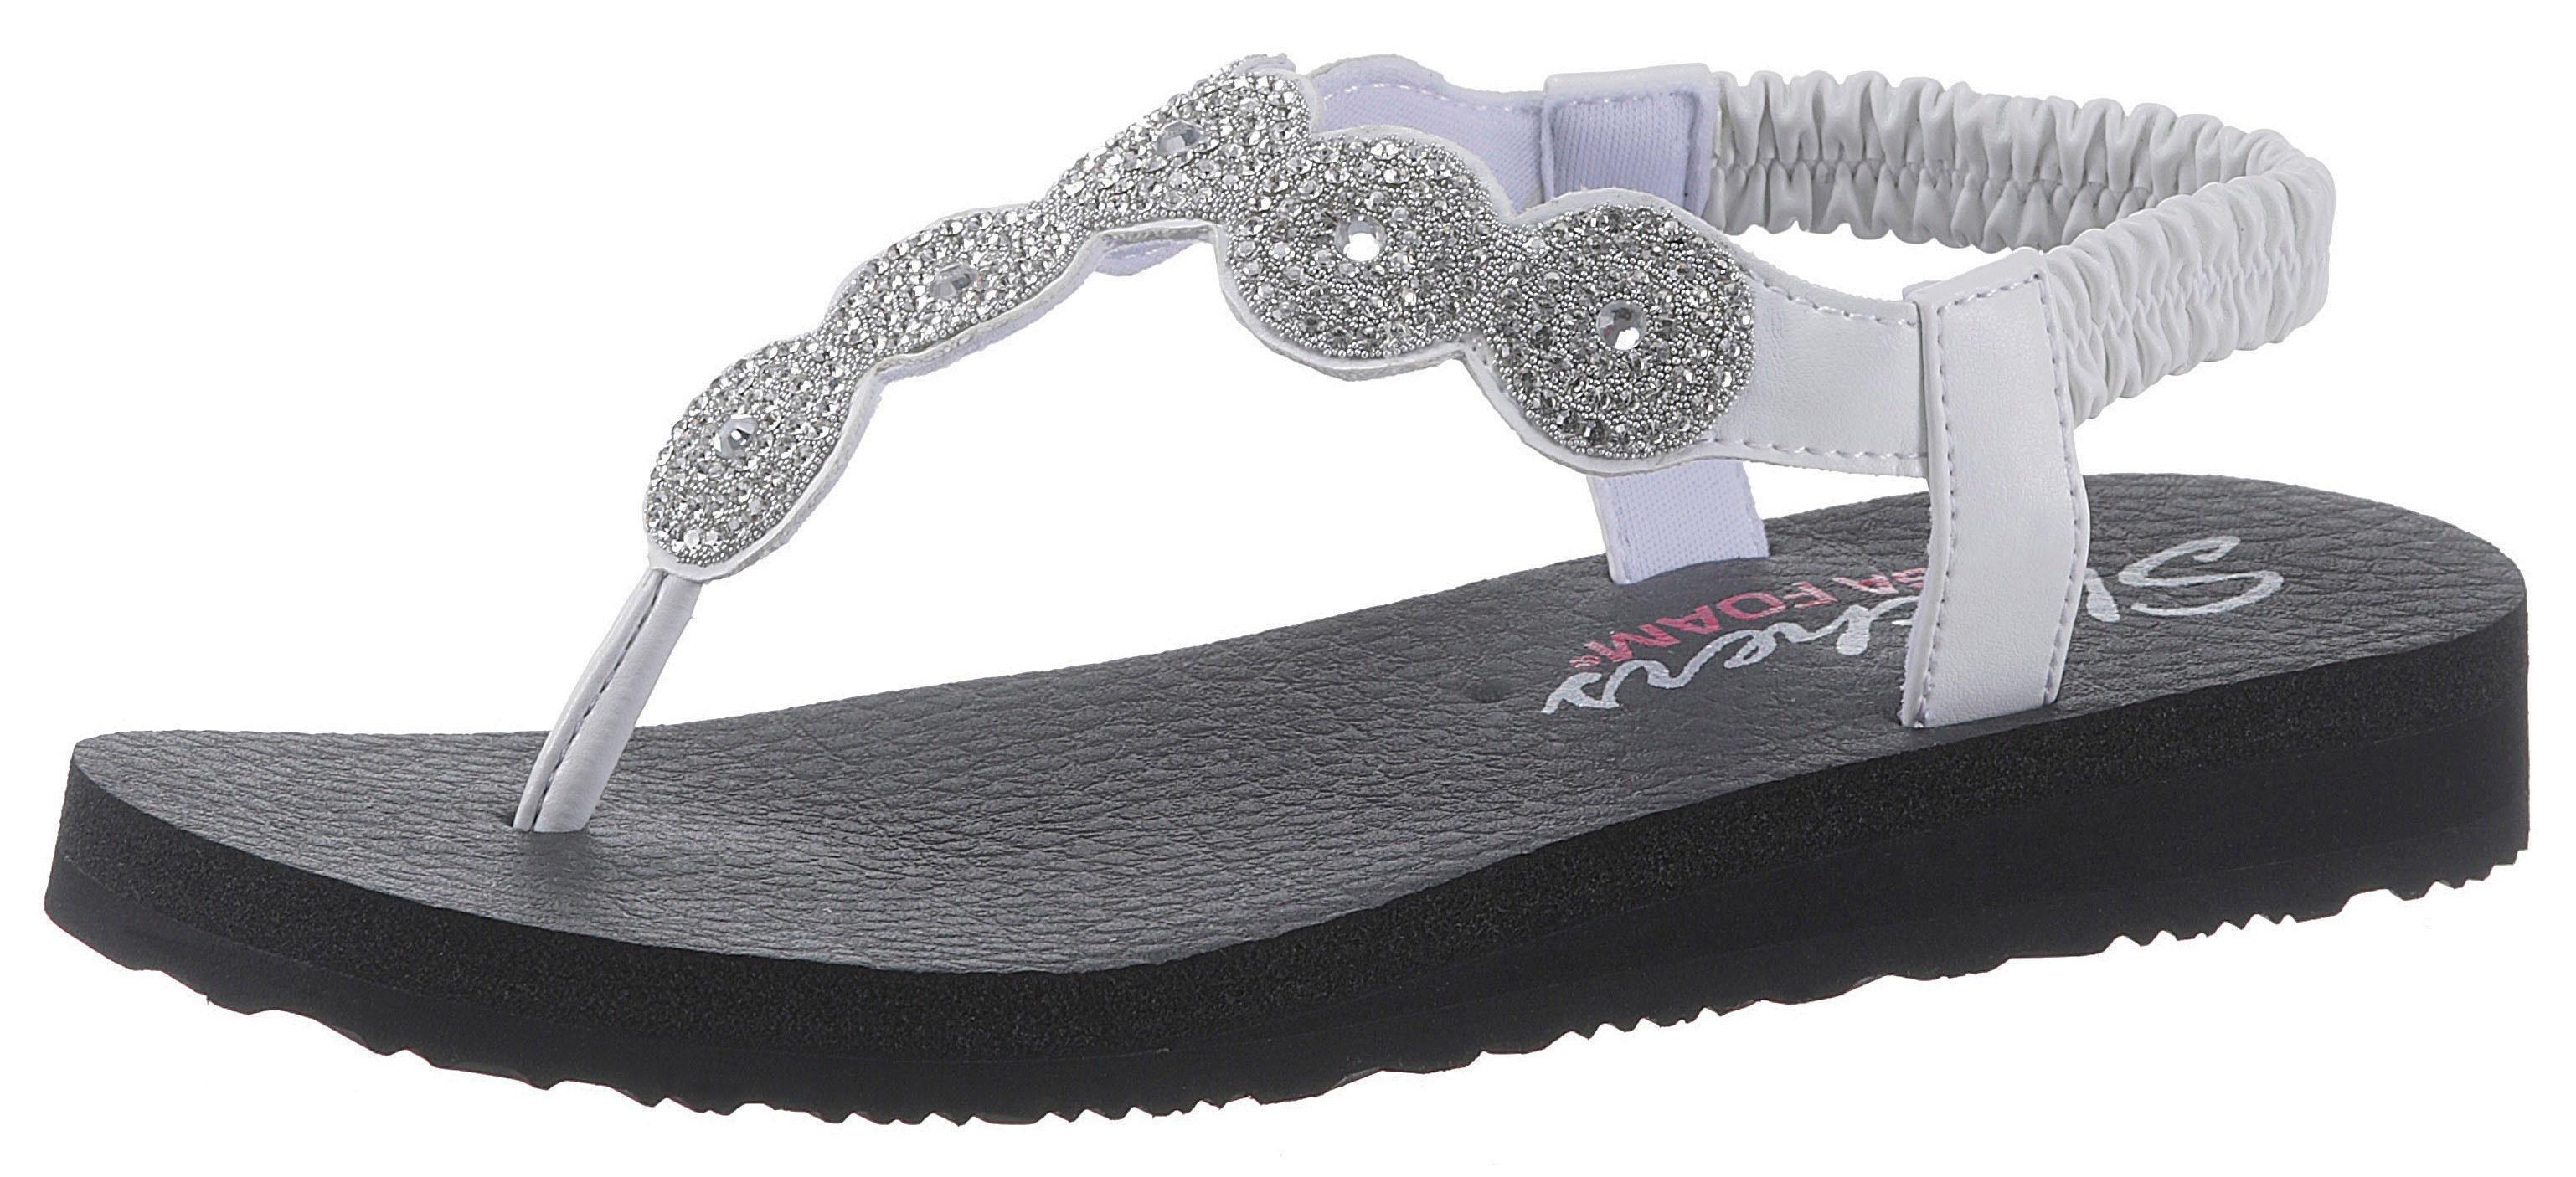 Skechers »Meditation Stars & Sparkle« Sandale mit Dämpfung durch Yoga Foam online kaufen | OTTO